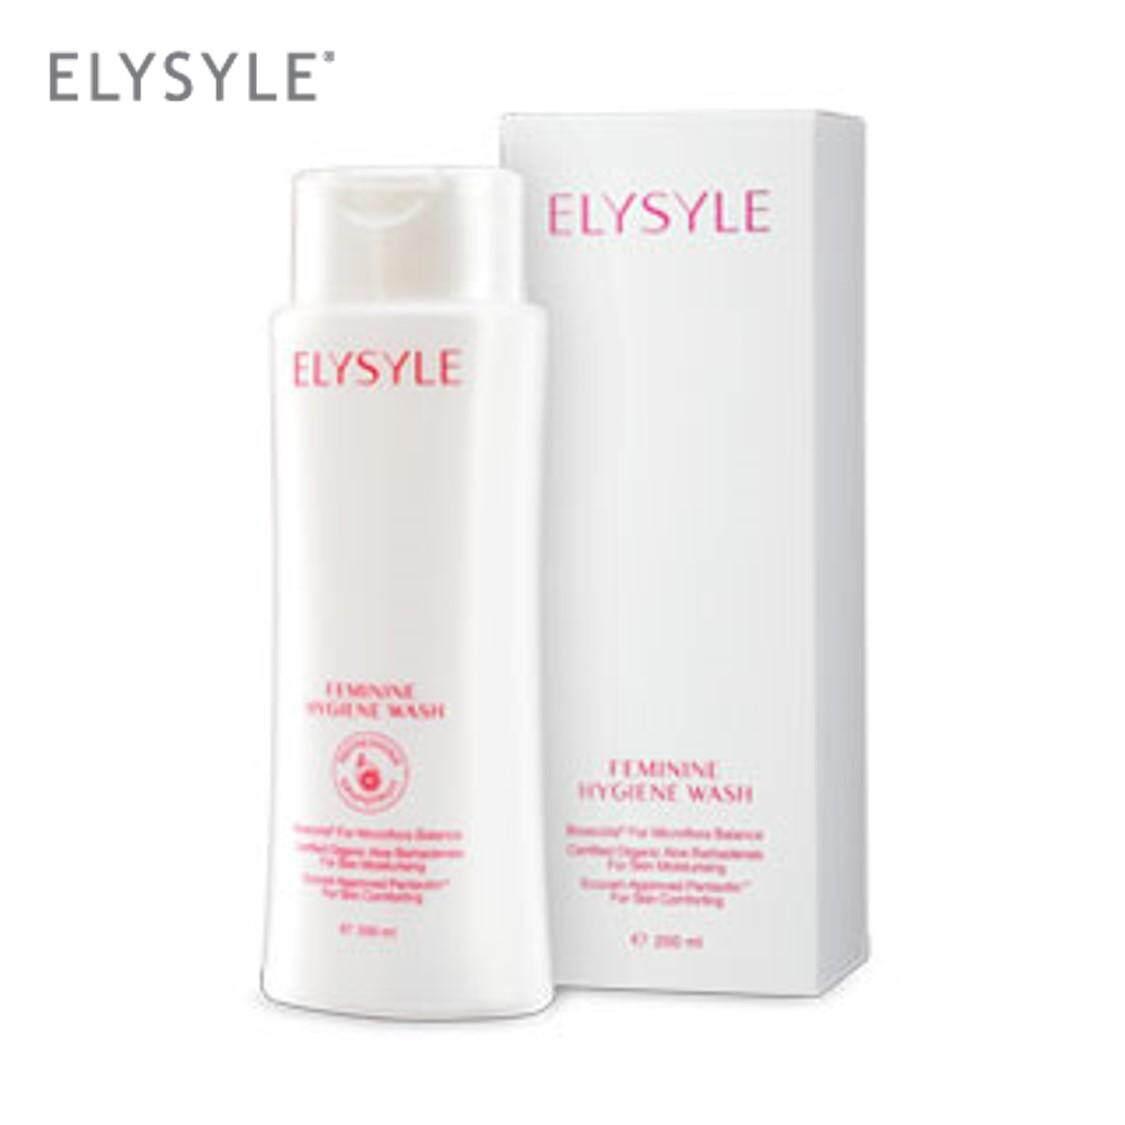 Buy Feminine Cleansing At Best Prices Lazada Malaysia Free Shipping Sumber Ayu Kayu Rapet 90ml